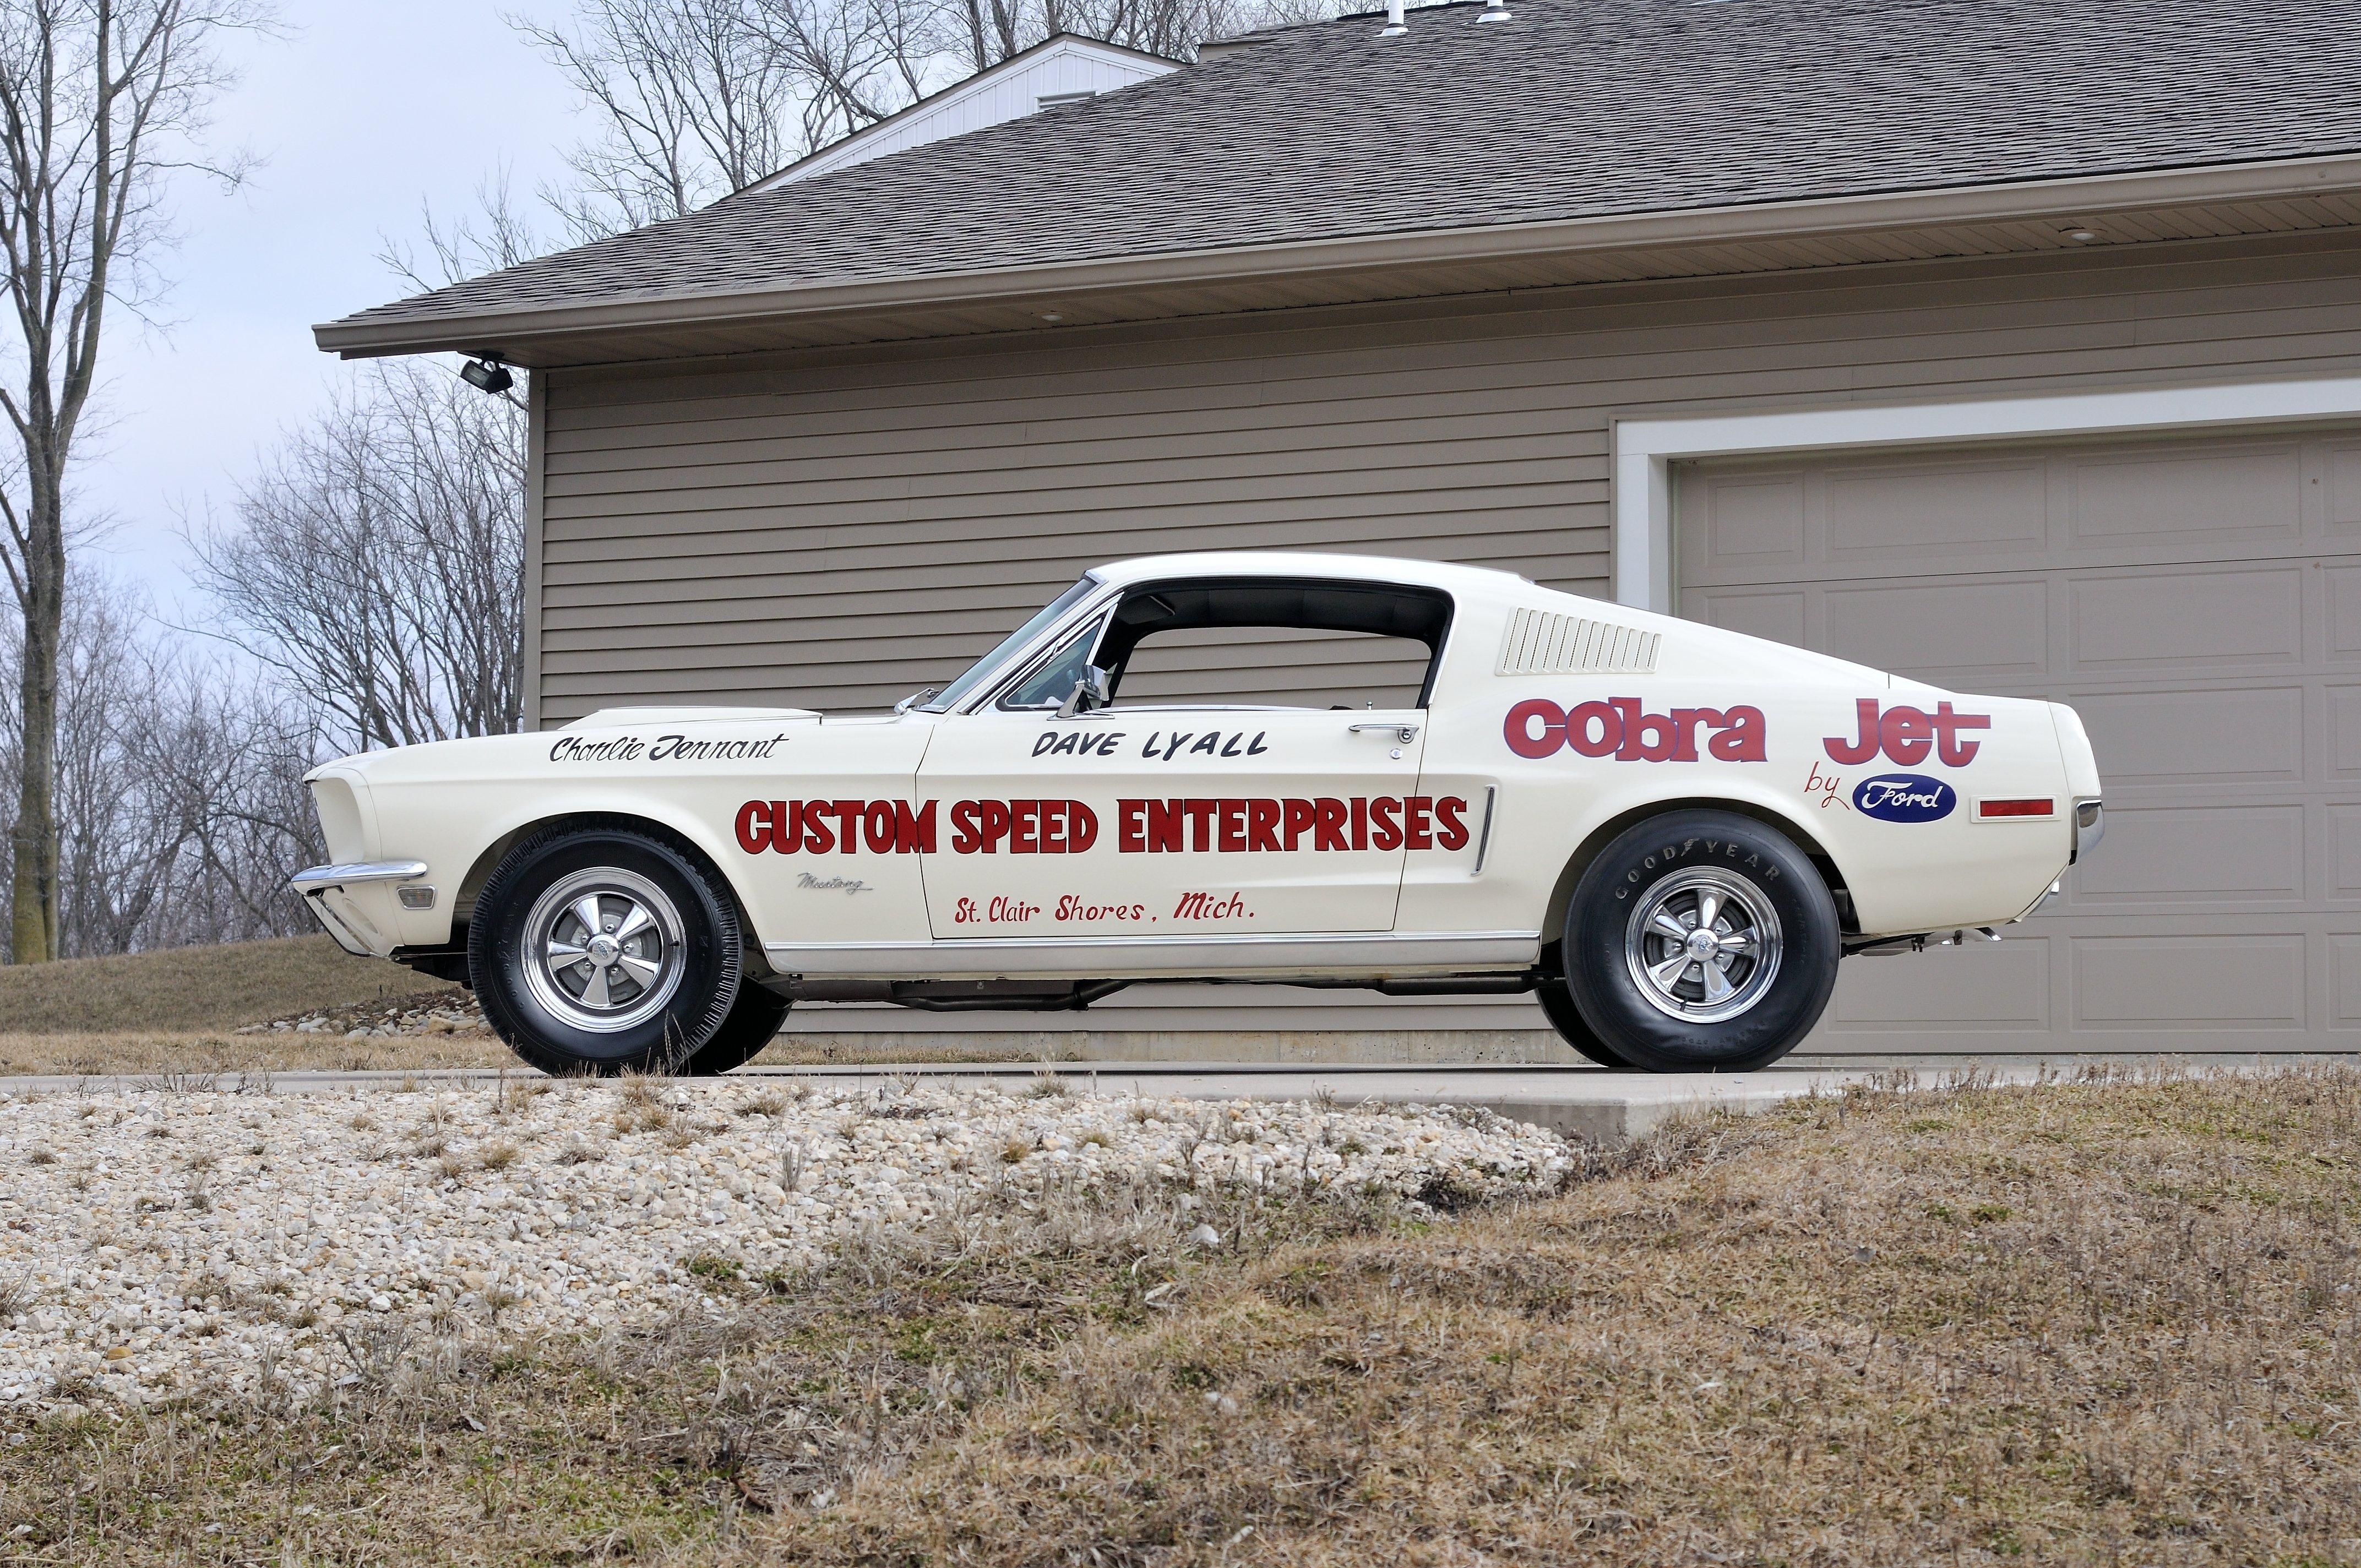 1968 ford mustang lightweight cj white drag dragster race usa 4288x2848 08 wallpaper 4288x2848 653809 wallpaperup 1968 ford mustang cobra jet